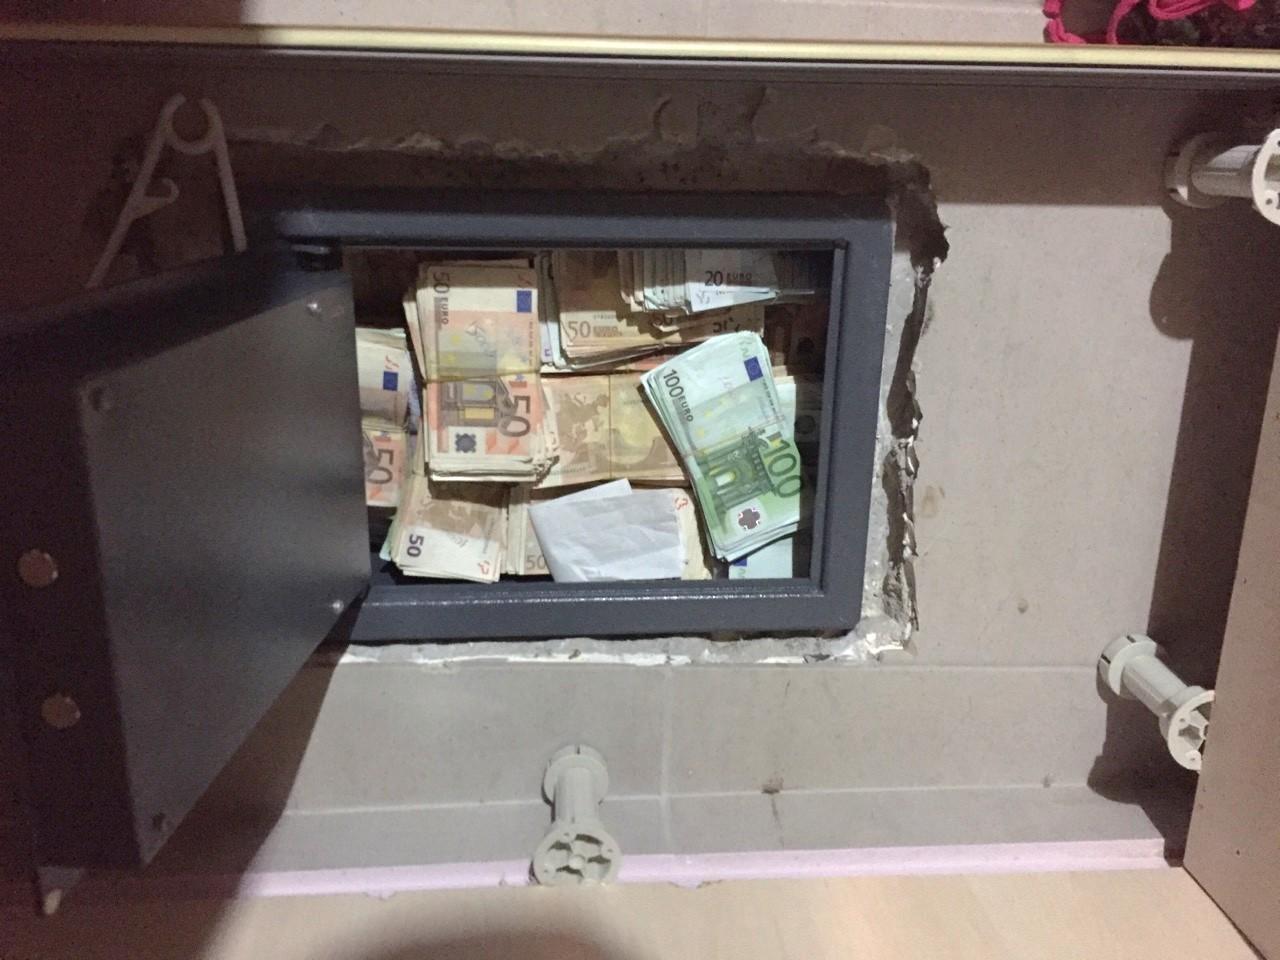 """Τρίκαλα: """"Χρυσή"""" διάρρηξη σε διαμέρισμα! Χτύπησαν την κατάλληλη ώρα και βούτηξαν το χρηματοκιβώτιο"""